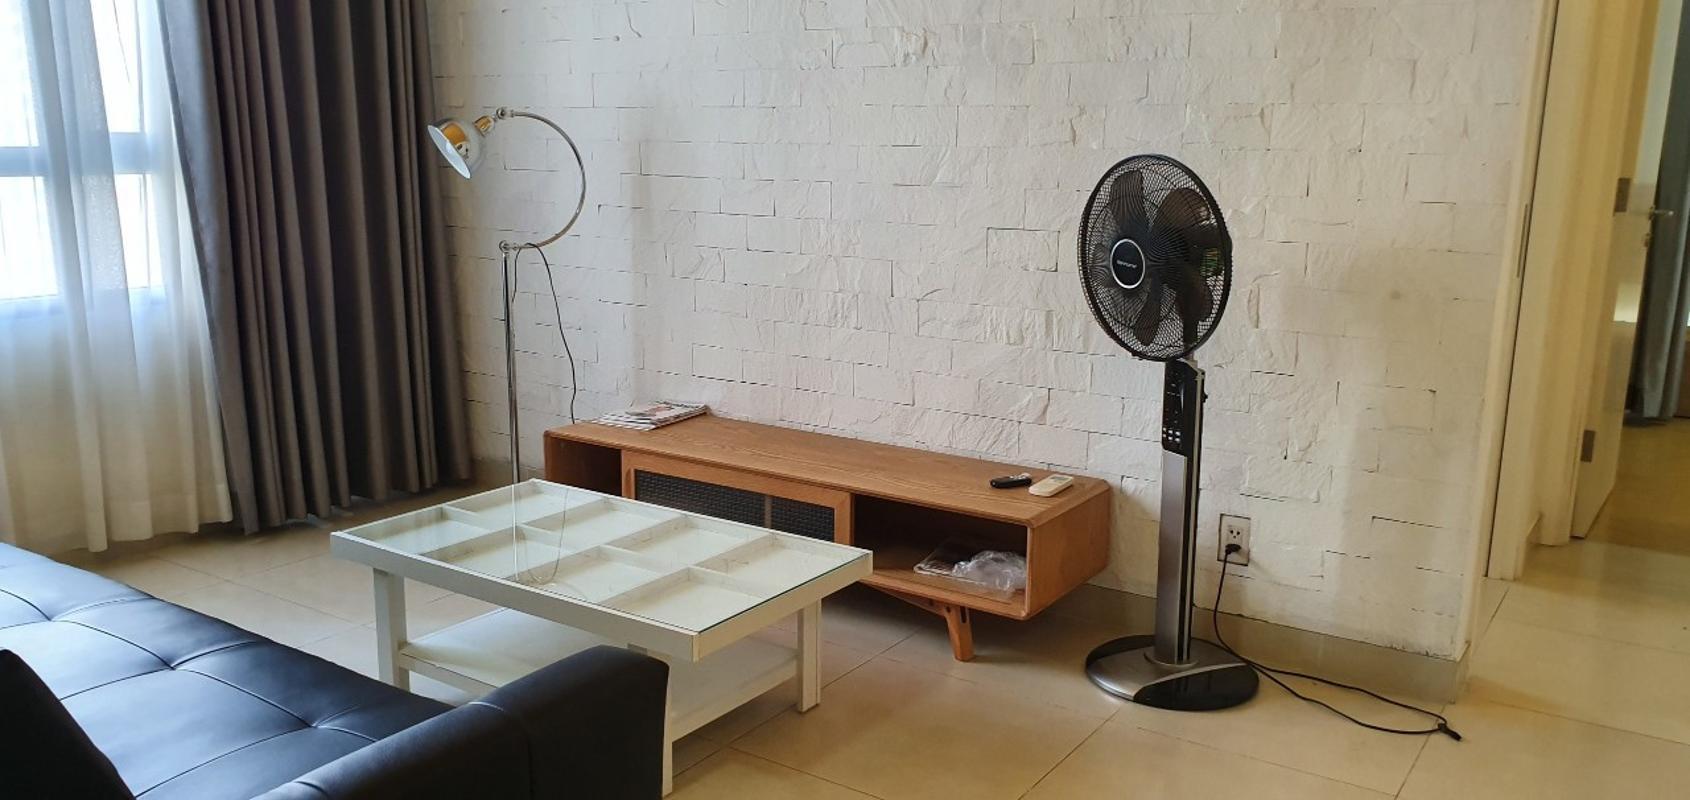 f3aa53e21d7ffb21a26e Bán hoặc cho thuê căn hộ Masteri Thảo Điền 2 phòng ngủ, diện tích 66m2, đầy đủ nội thất